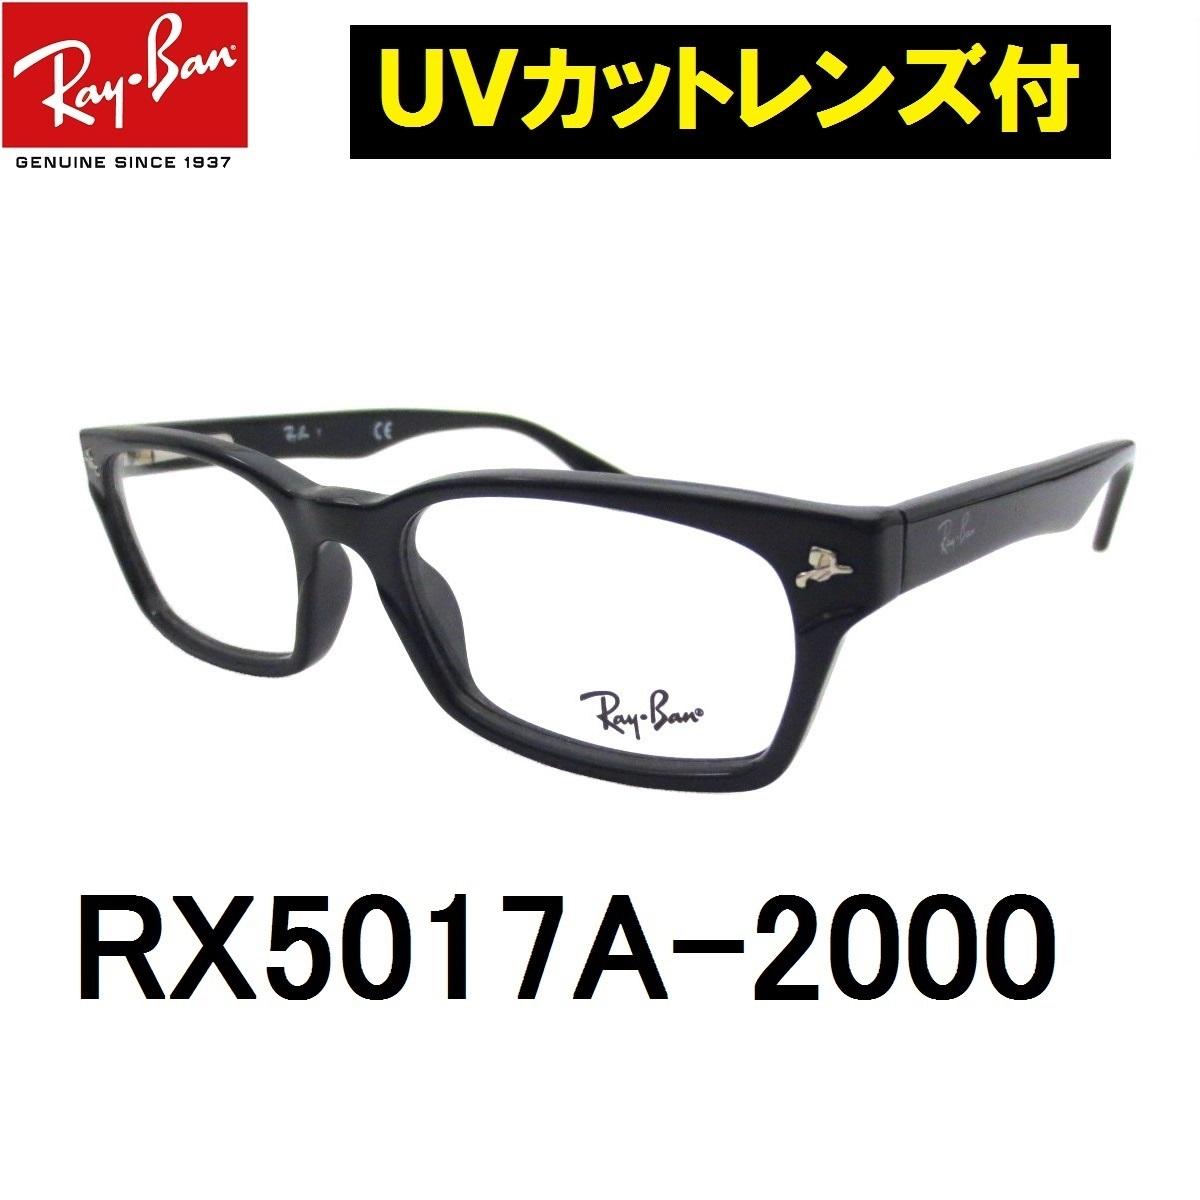 UVカットレンズ付き レイバン メガネ 伊達メガネ Ray-Ban RX5017A-2000(52)アジアンフィット メンズ レディース 男女兼用 UVカット 度付き 近視 乱視 老眼鏡 ブルーライト ミラリジャパンメーカー保証書付